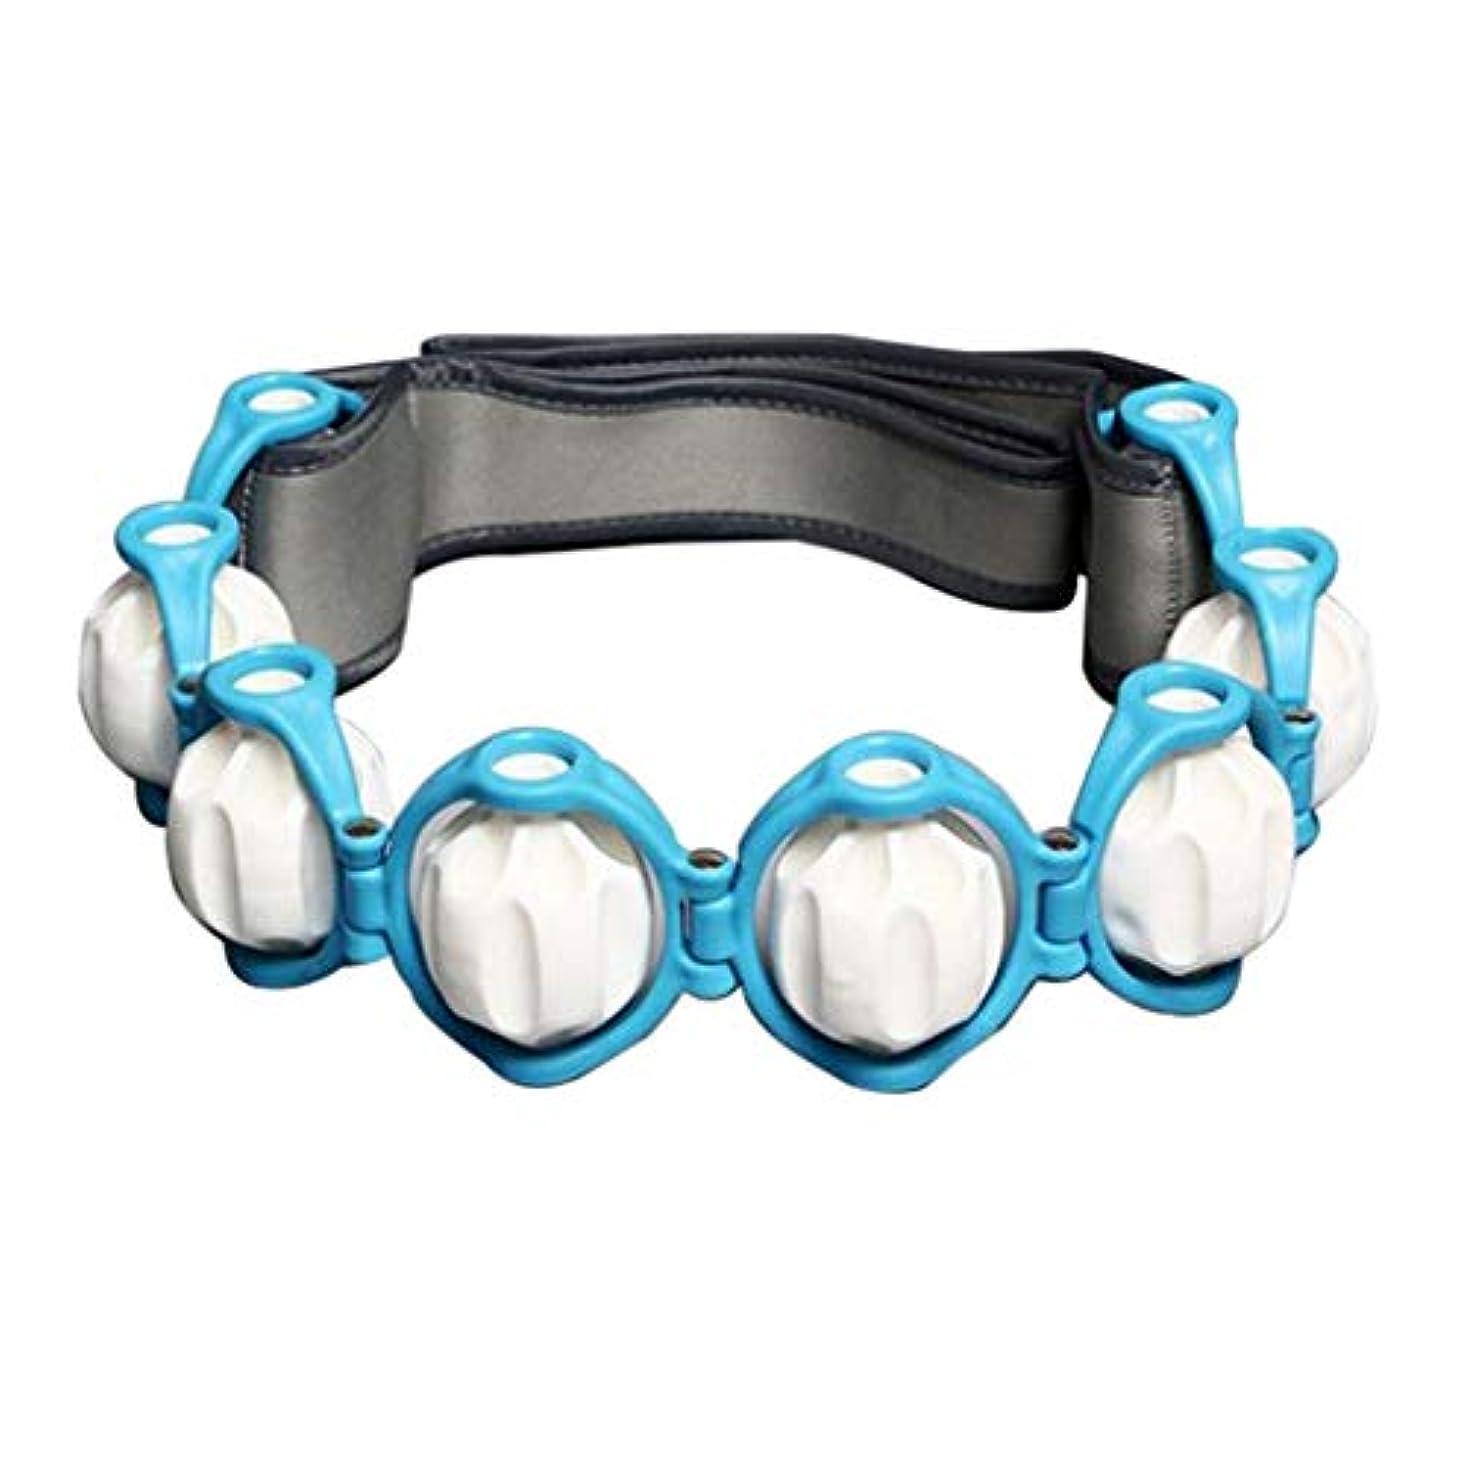 定期的にポーク玉フルボディ - 多機能 - 痛みを軽減するためのハンドヘルドマッサージローラーロープ - 青, 説明したように